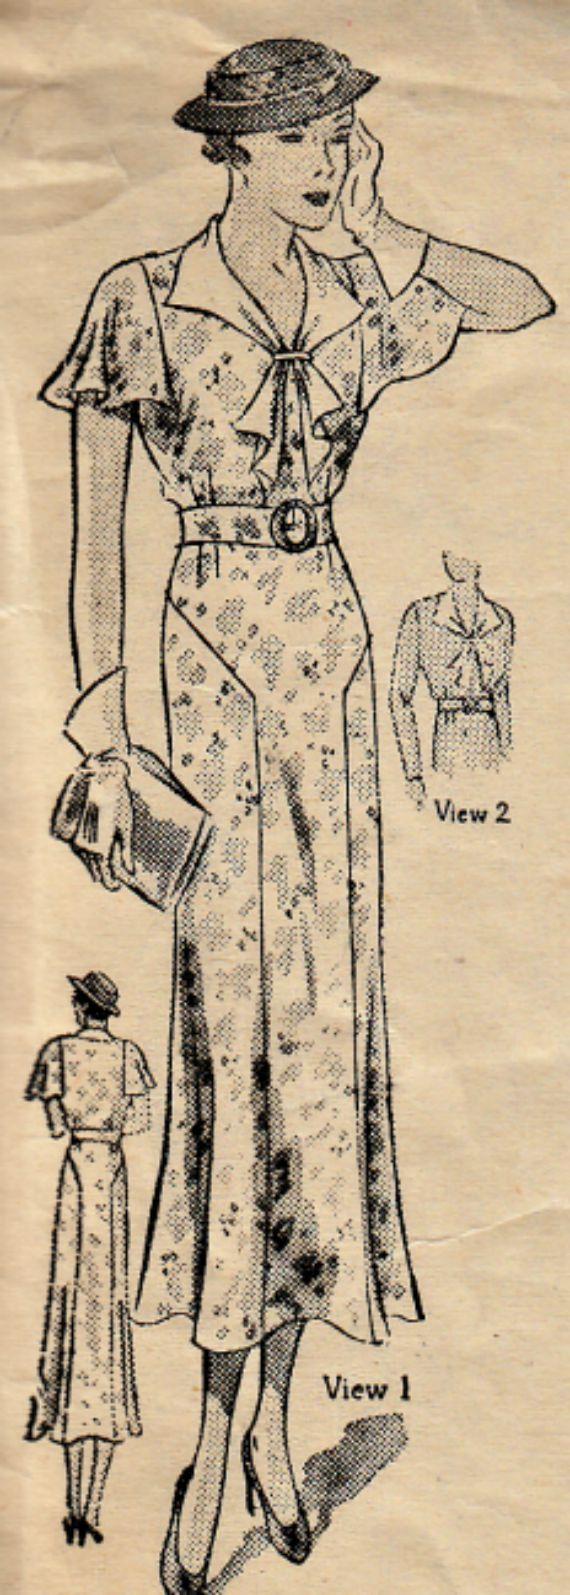 Monde modèle la femme 5255  Patron de robe Vintage des années 1930: dimanche robe motif caractéristiques pans jupe, corsage avec manche deux options--longue slim-fit et col cape ou un papillon manchon. Tour de taille fronces apportent une touche féminine. Très jolie et ce serait magnifique dans une soie ou mousseline de soie tissu.  CIRCA 1930  Buste 38  Non imprimé motif complet et en bon état. Enveloppe en excellent état.  Aime ce modèle, mais il nest pas votre taille ? Voici deux façons…